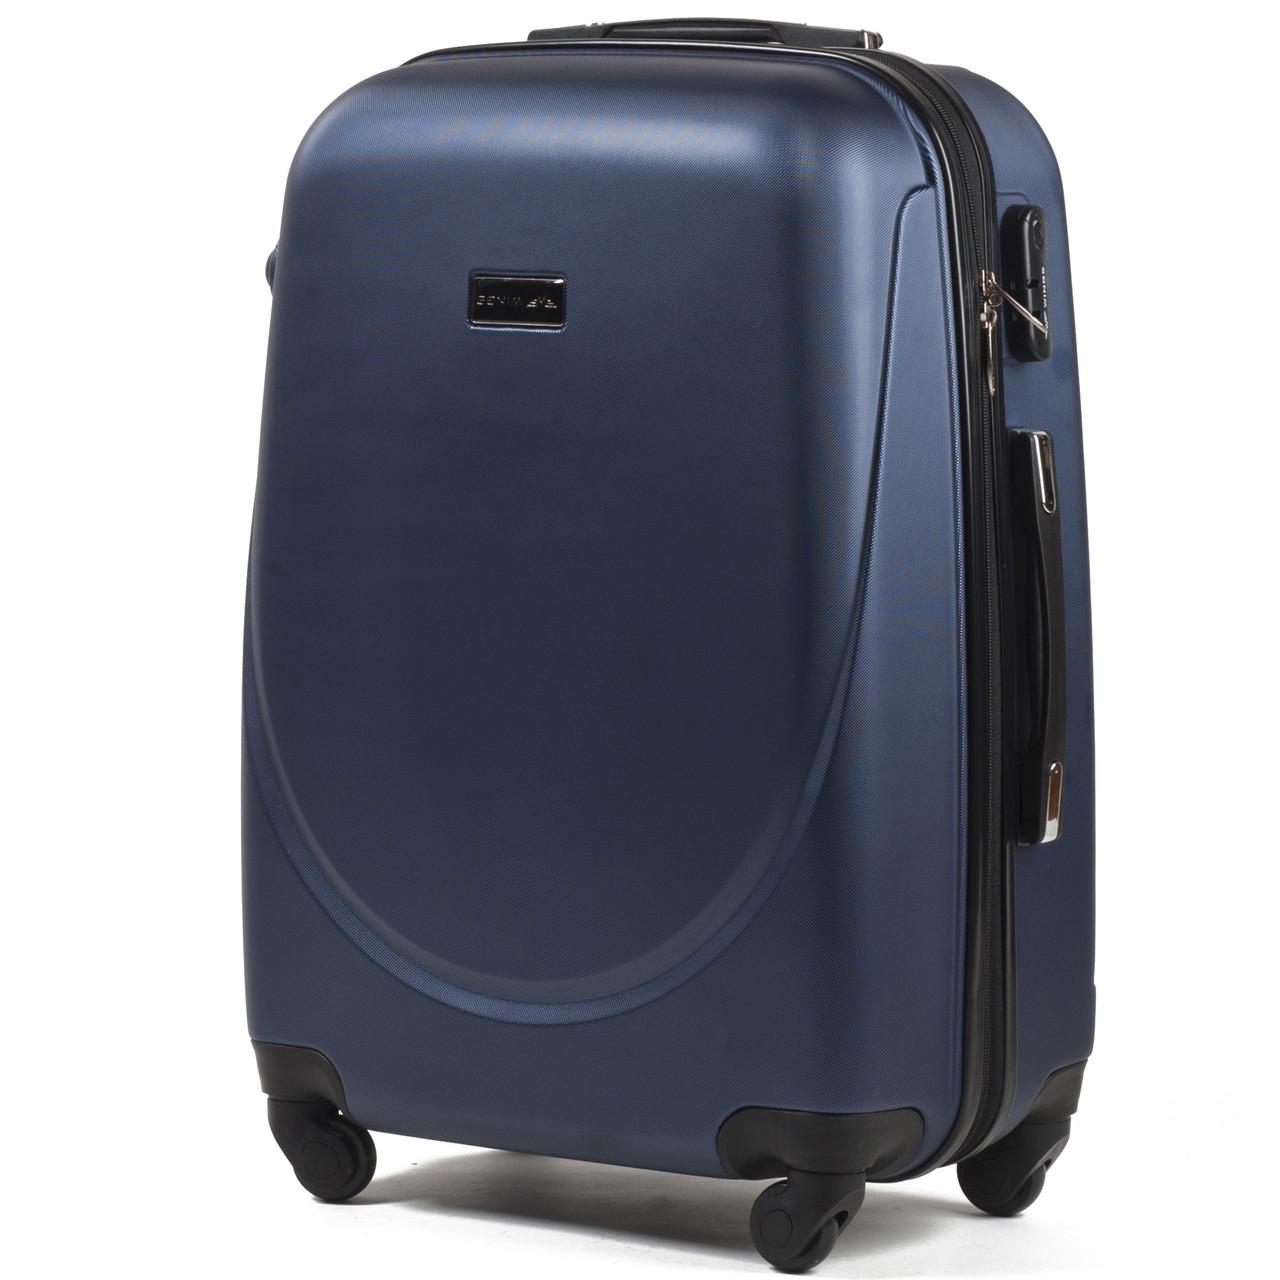 Средний пластиковый чемодан Wings 310 на 4 колесах синий, фото 1